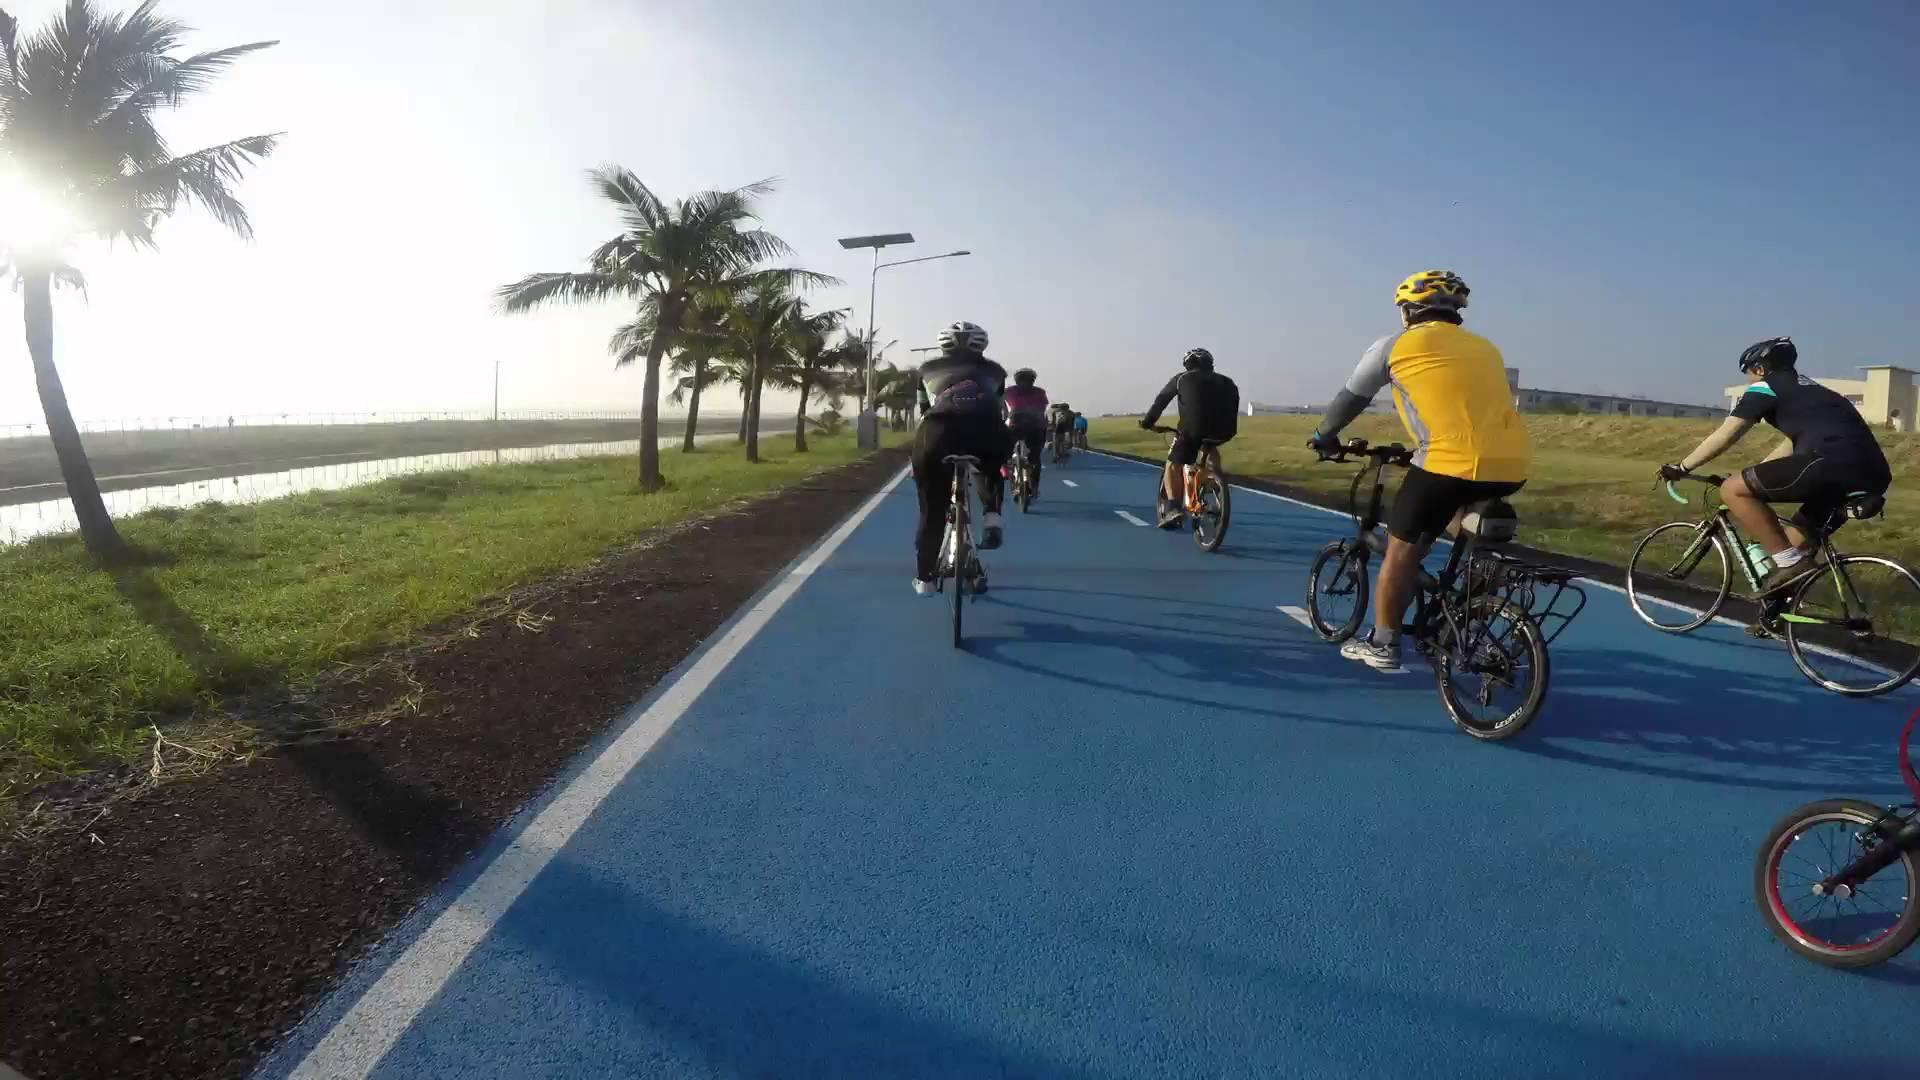 Les pistes cyclables de l'aéroport Suvarnabhumi de Bangkok seront désormais ouvertes tous les jours